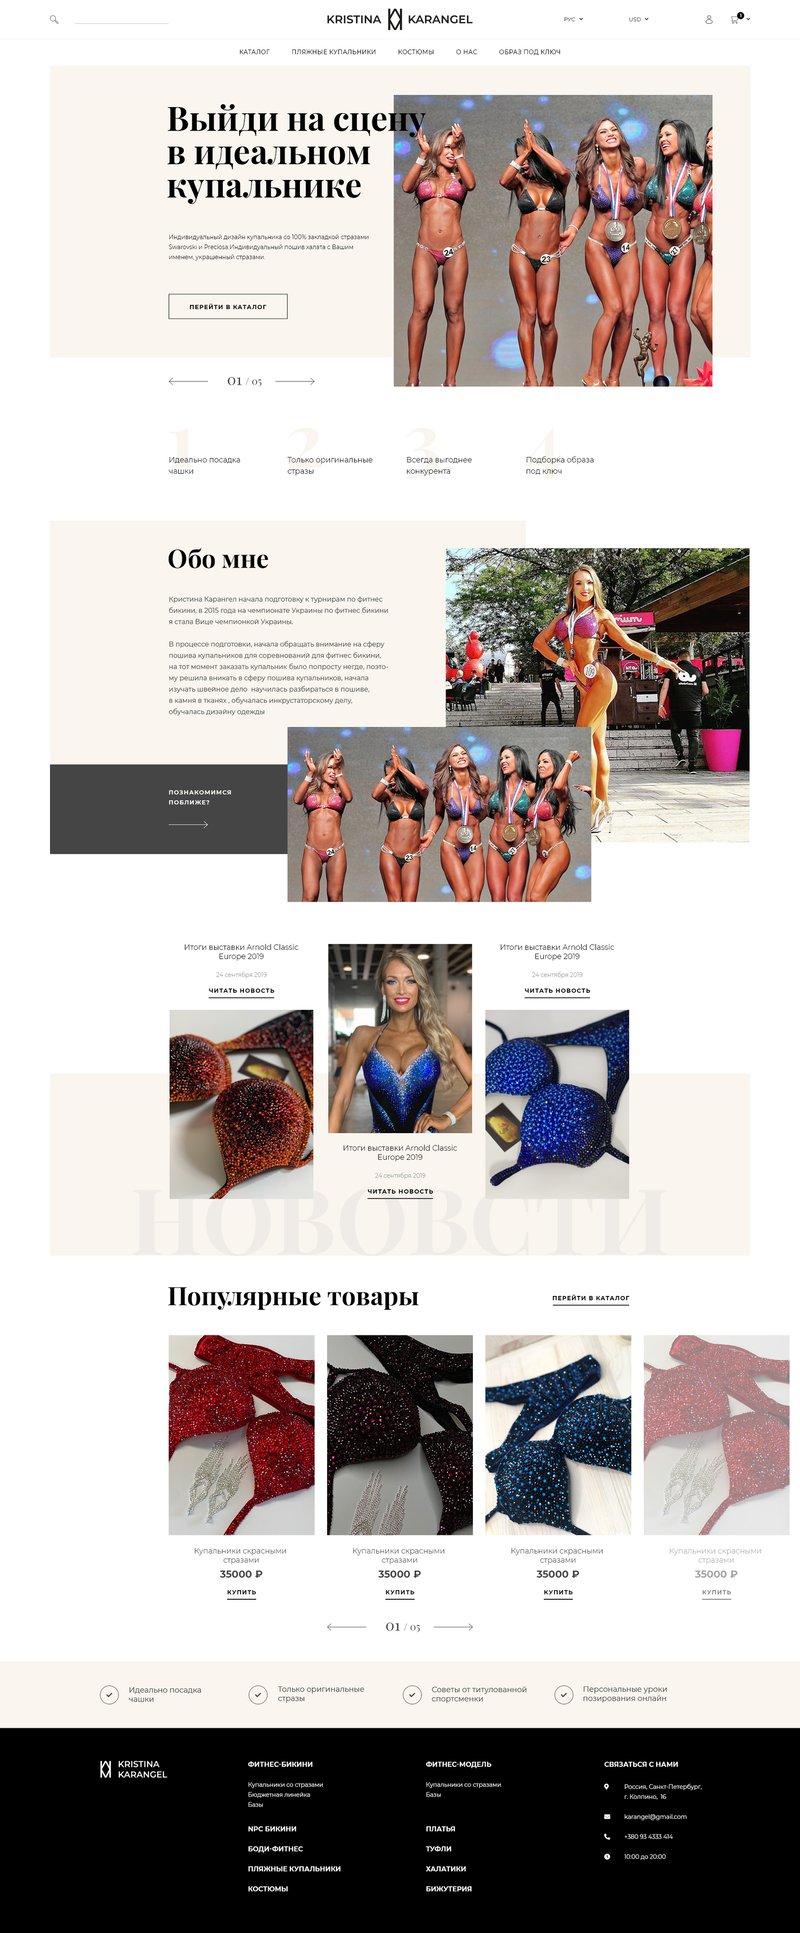 Дизайн сайта Бикини – работа в портфолио фрилансера